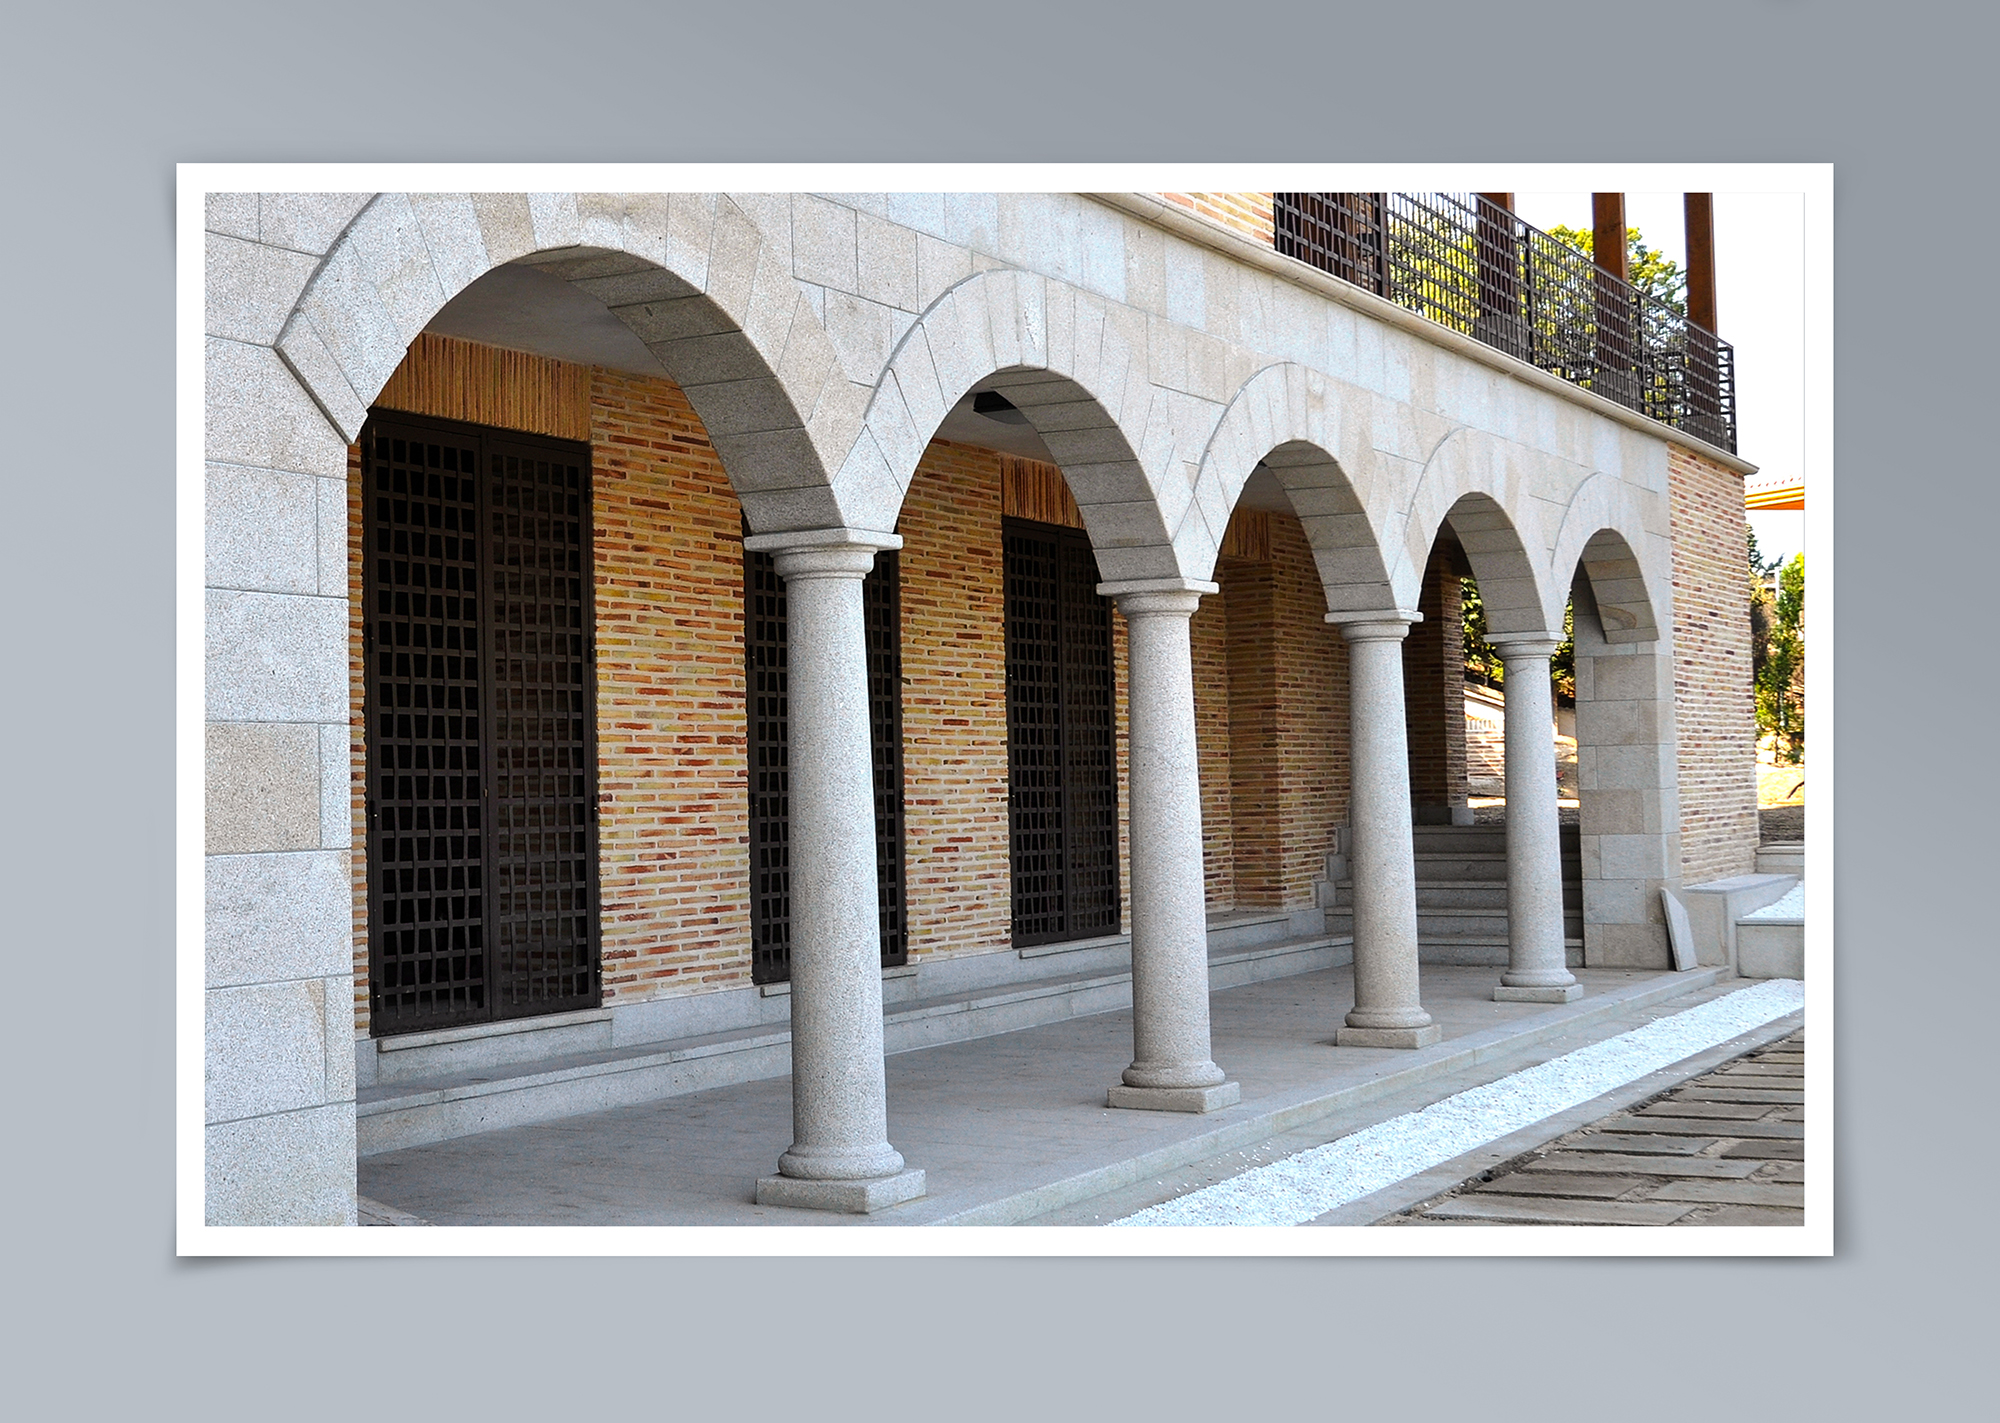 Columnas y arcos en porche